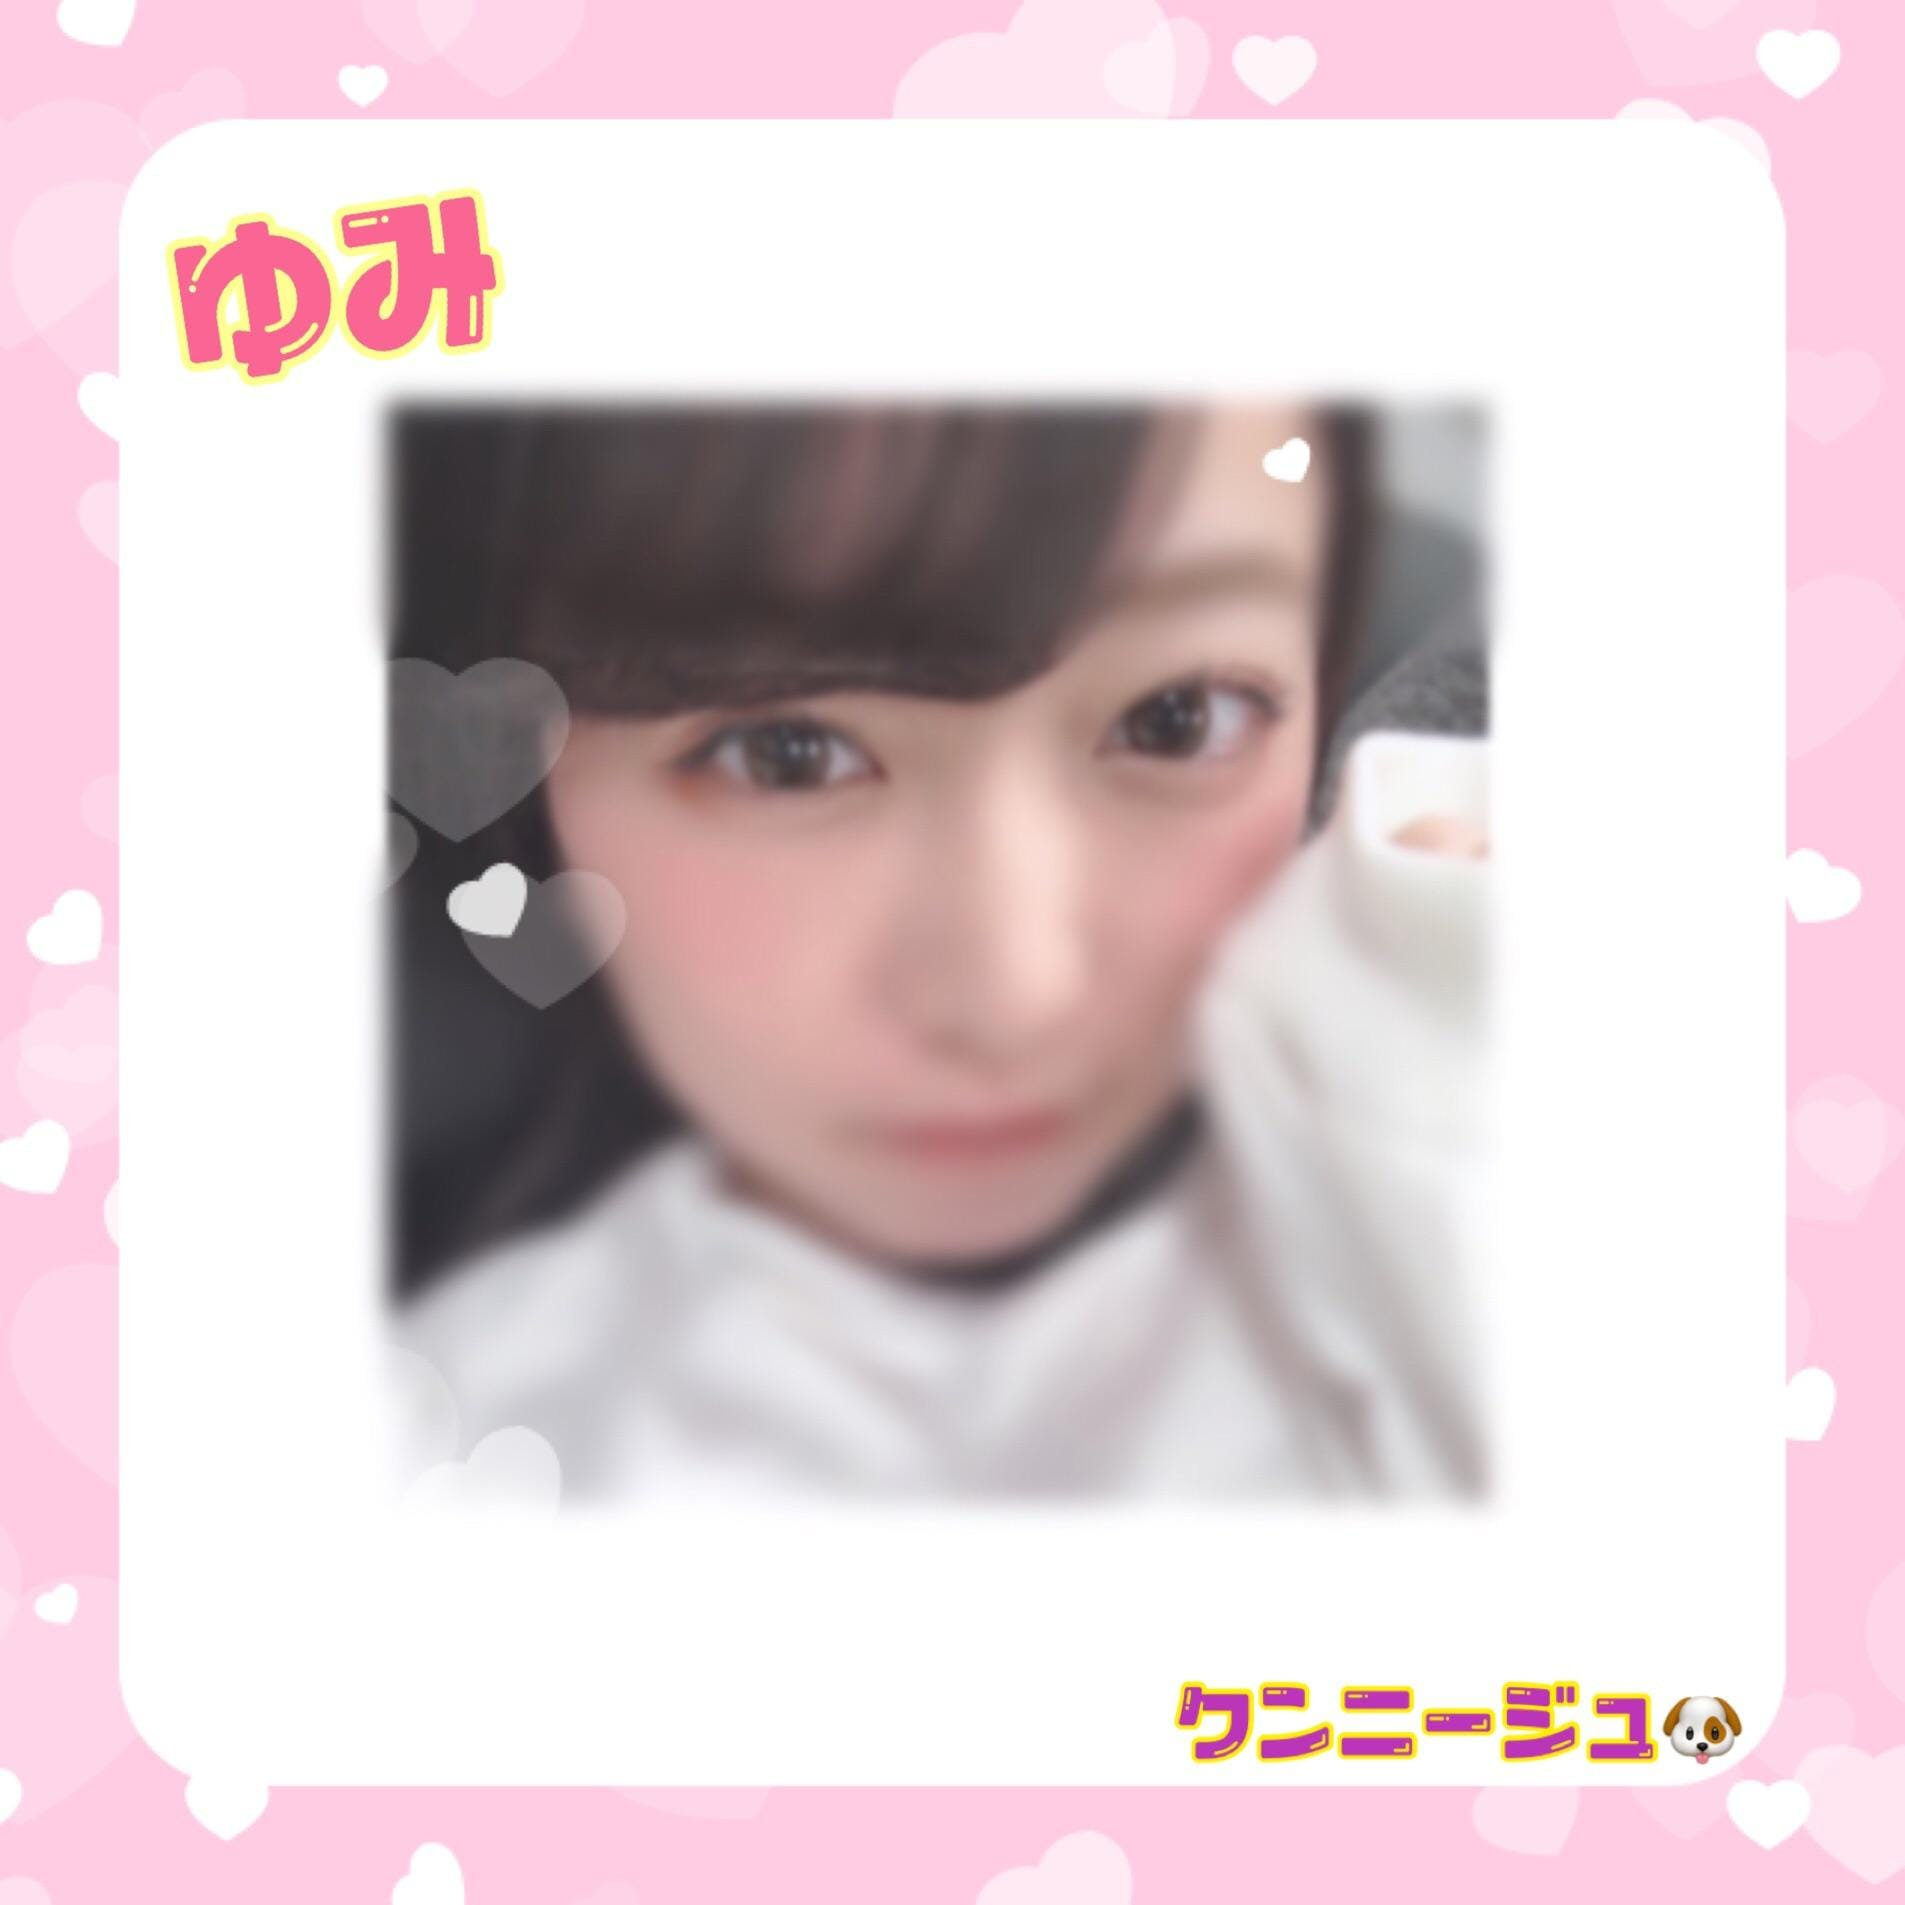 「眠眠打破」03/19(03/19) 14:00 | ゆみの写メ・風俗動画